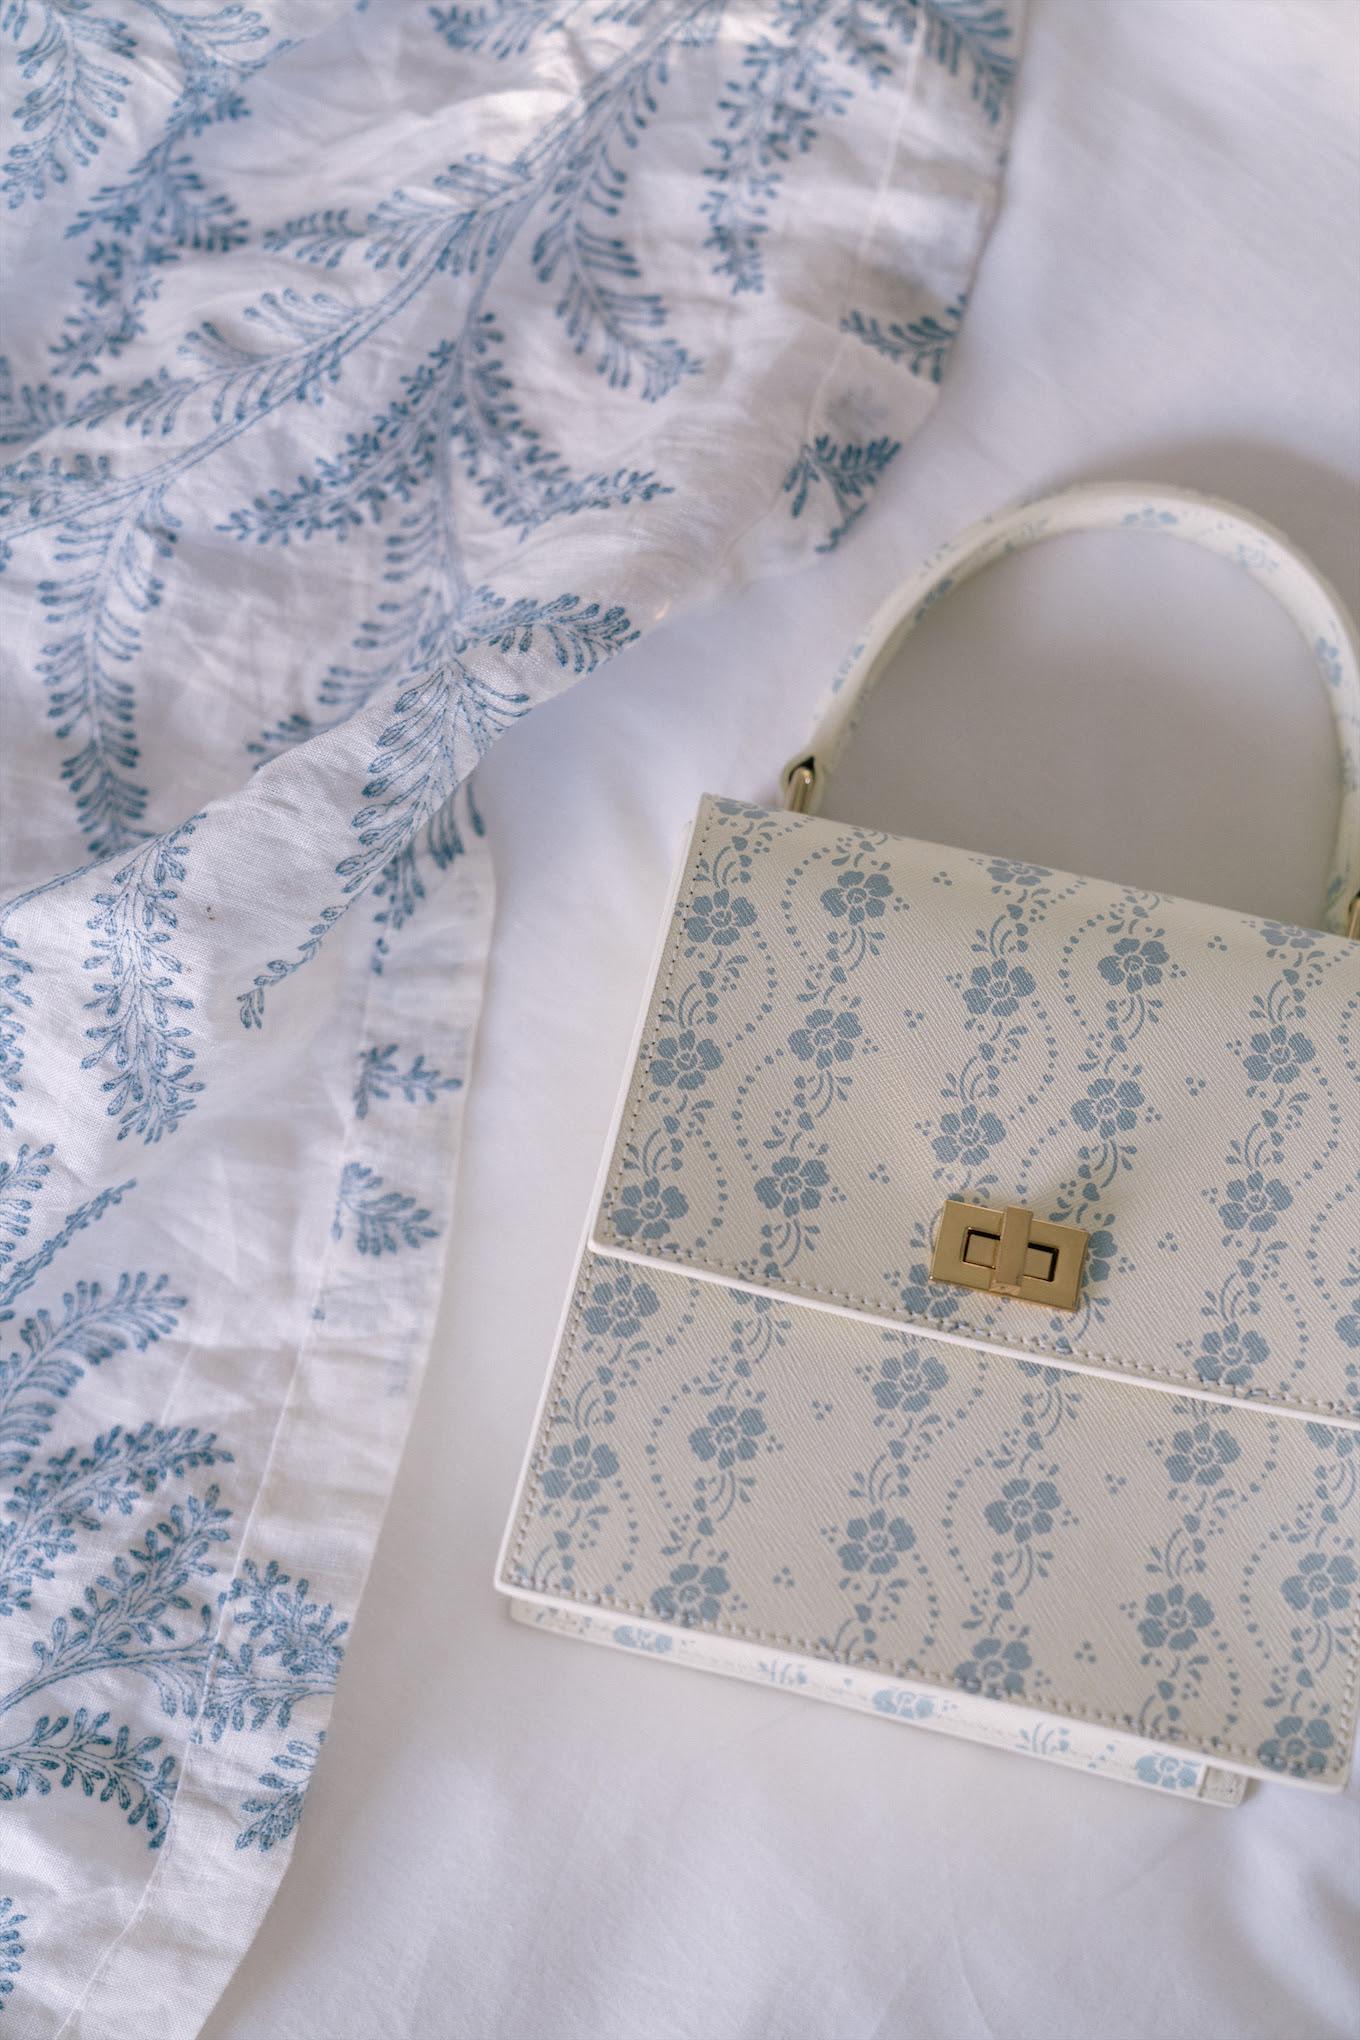 floral feminine leather handbag